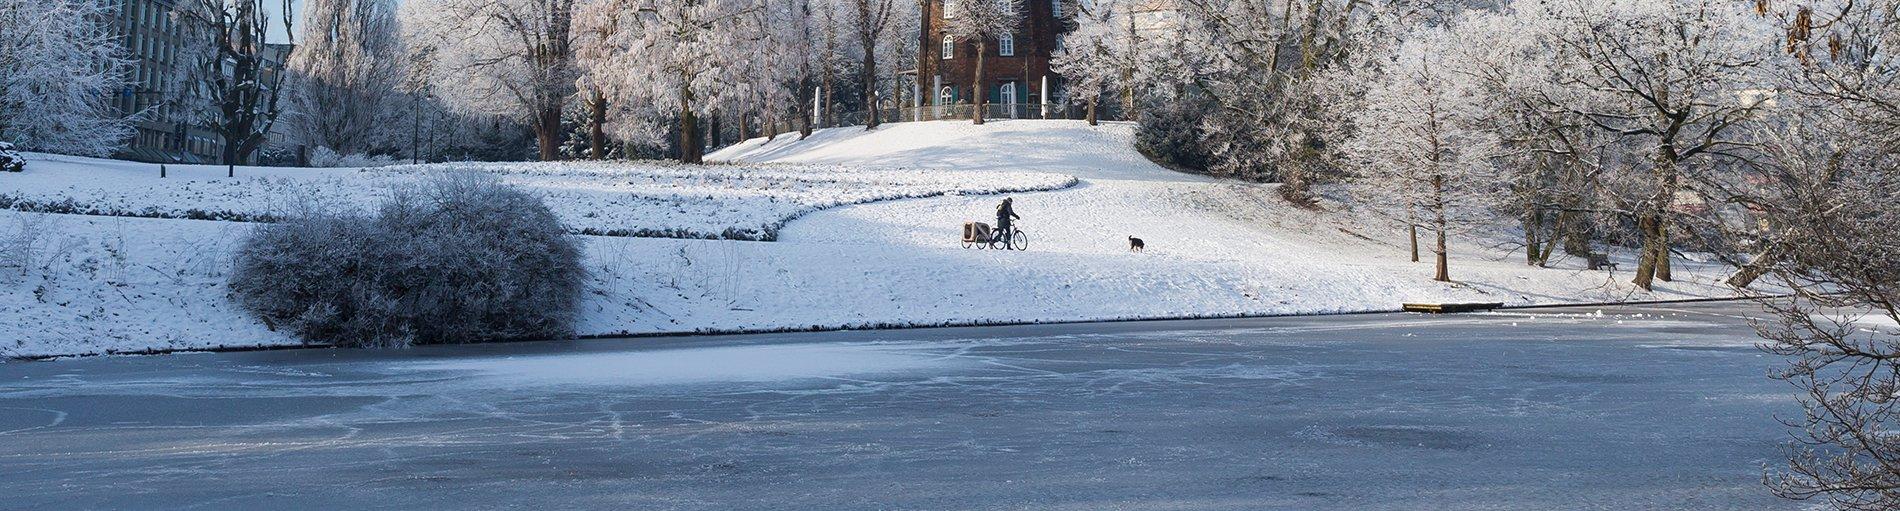 Mensch mit Fahrrad und Hund in Schneelandschaft